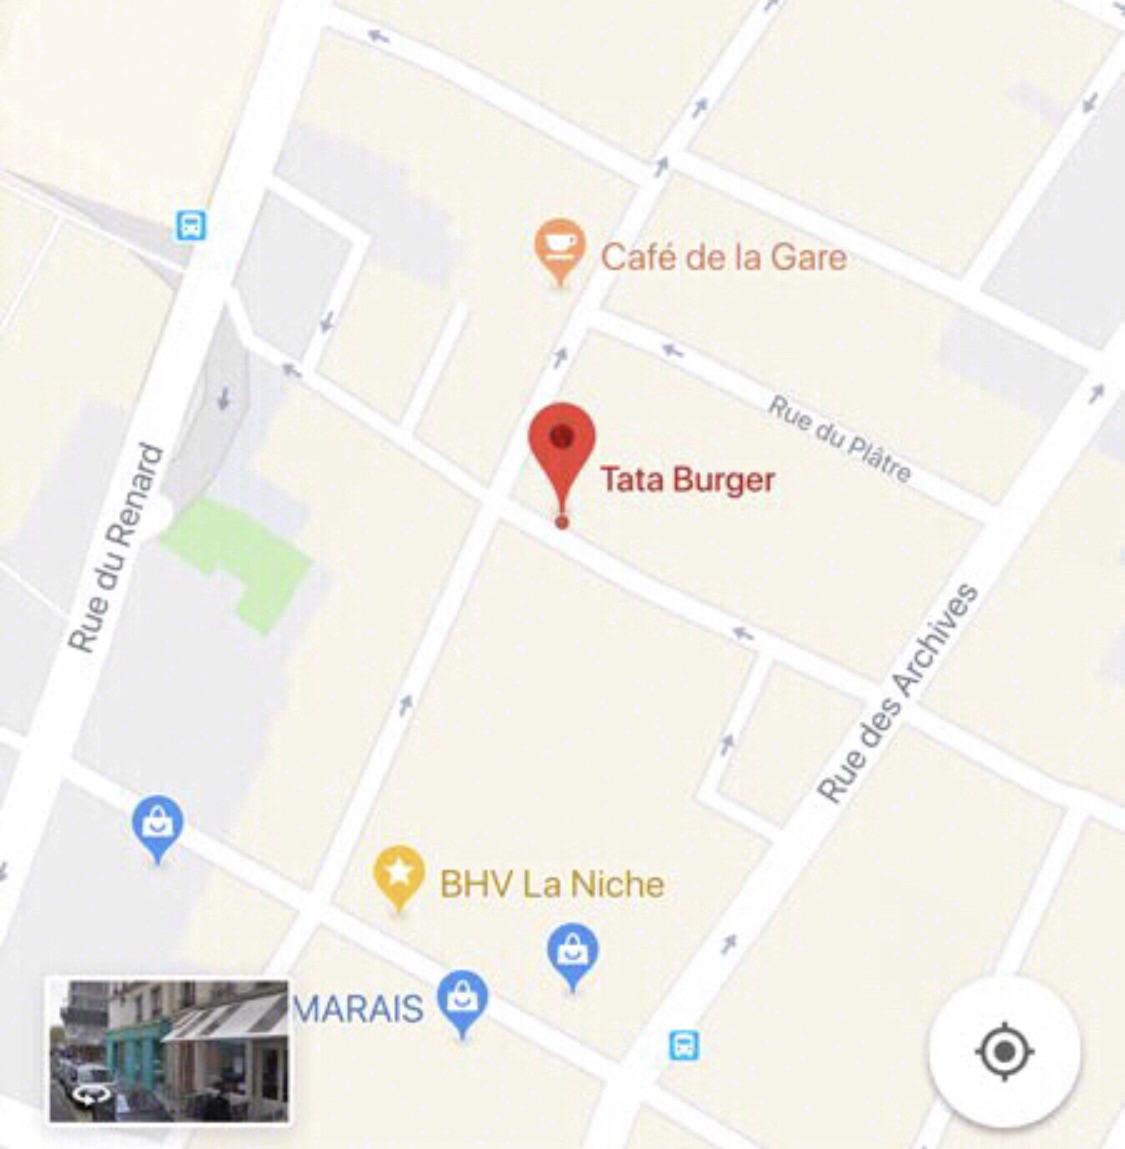 尺度最大的巴黎餐厅!重口味餐厅了解一下呗?